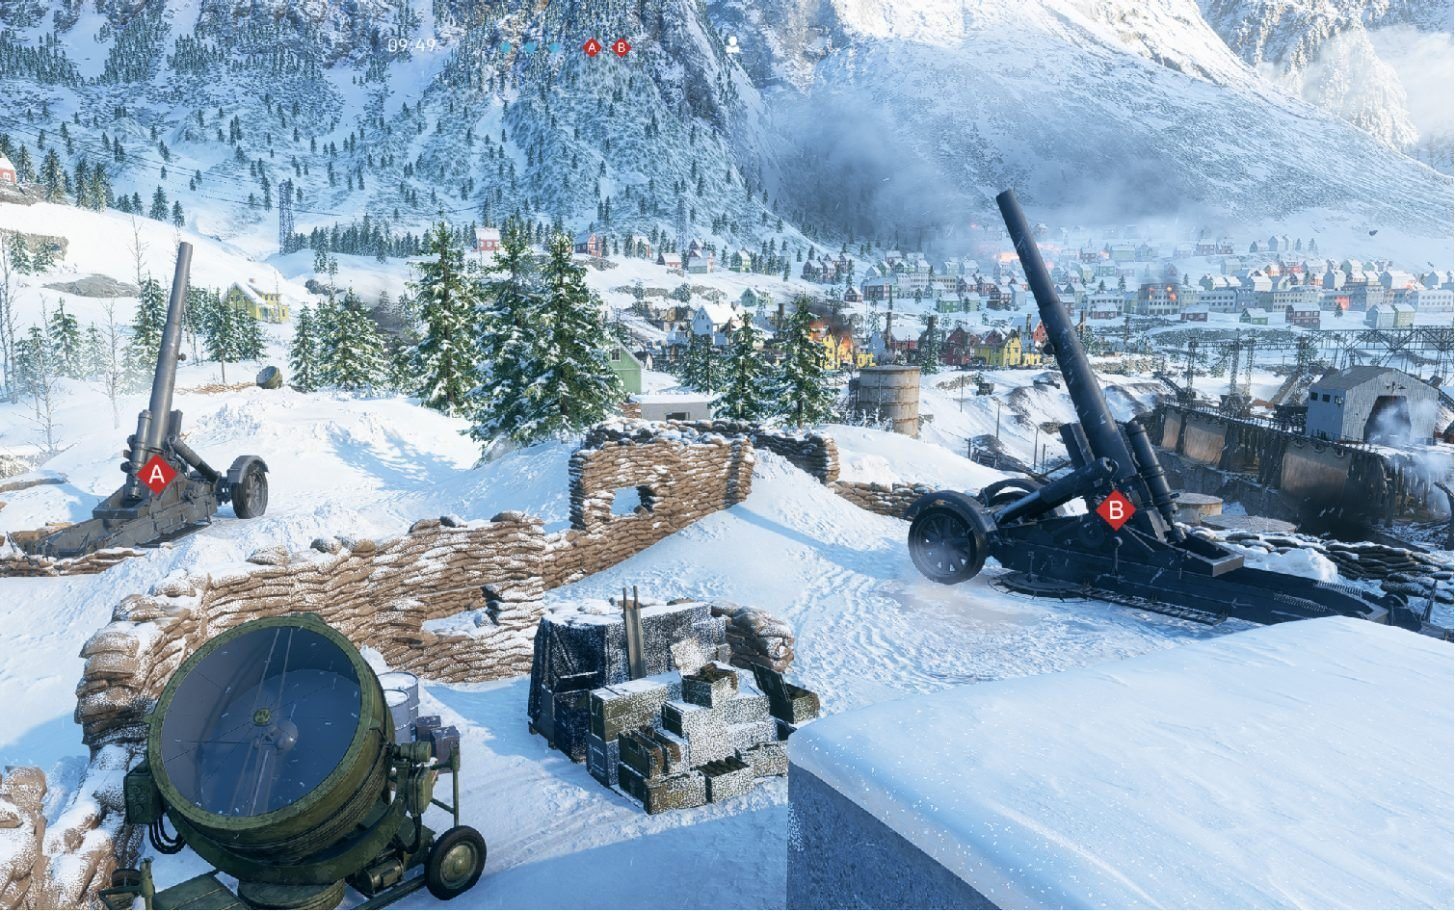 Battlefield 5 tides of war chapter 2 rush mode 32 player